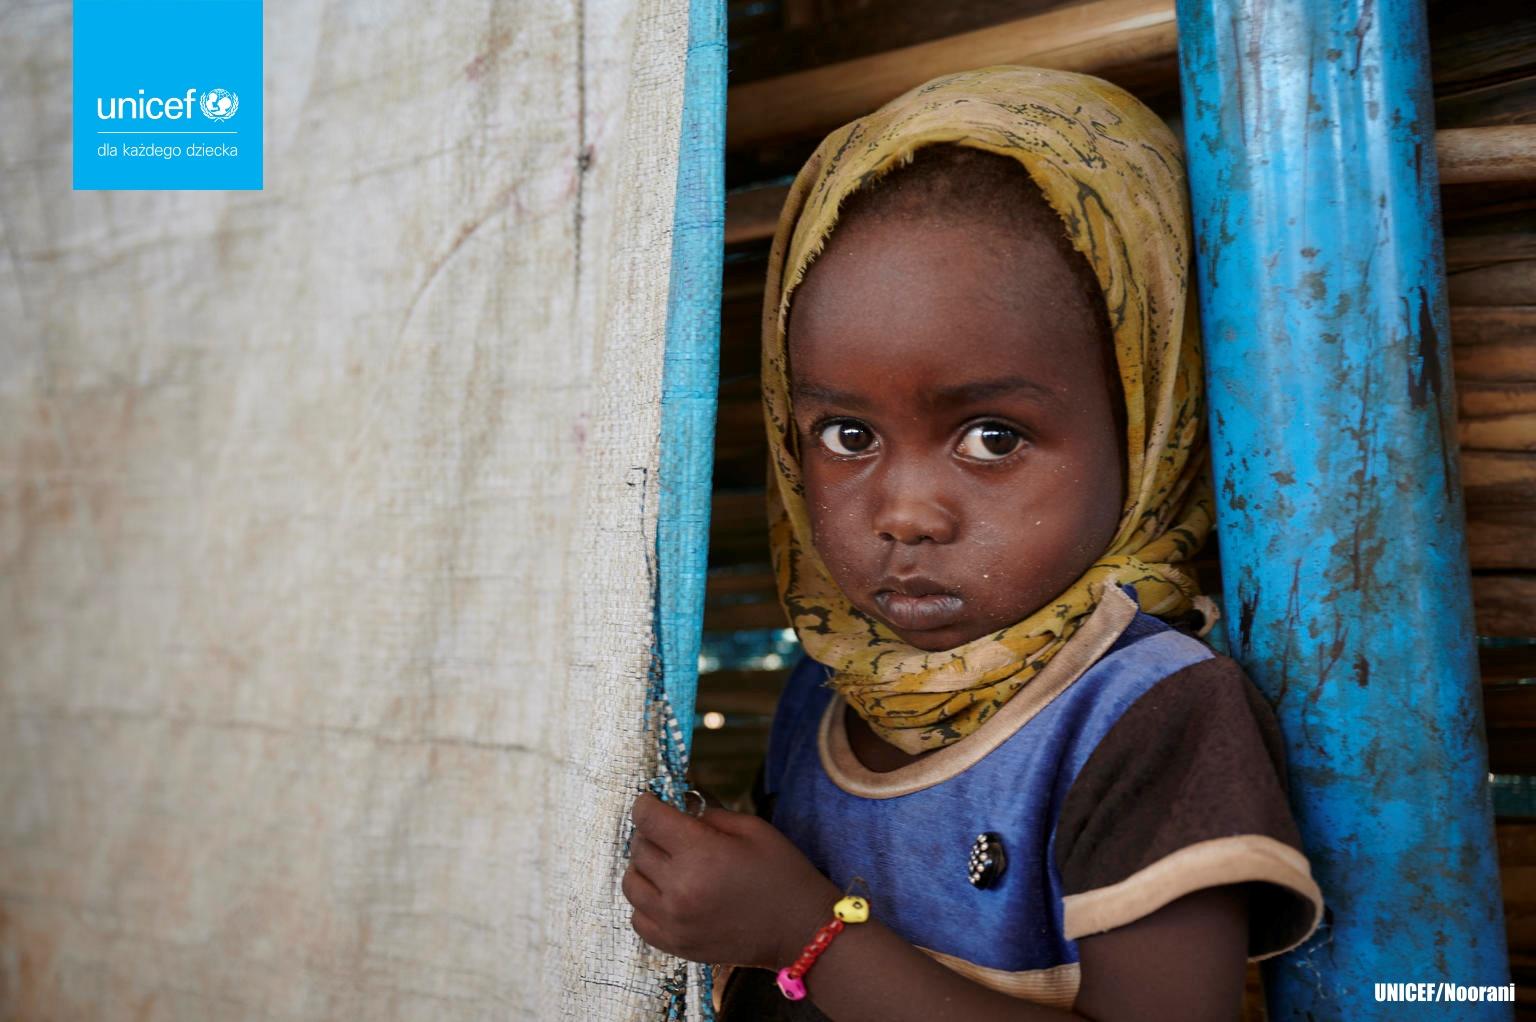 fot. UNICEF